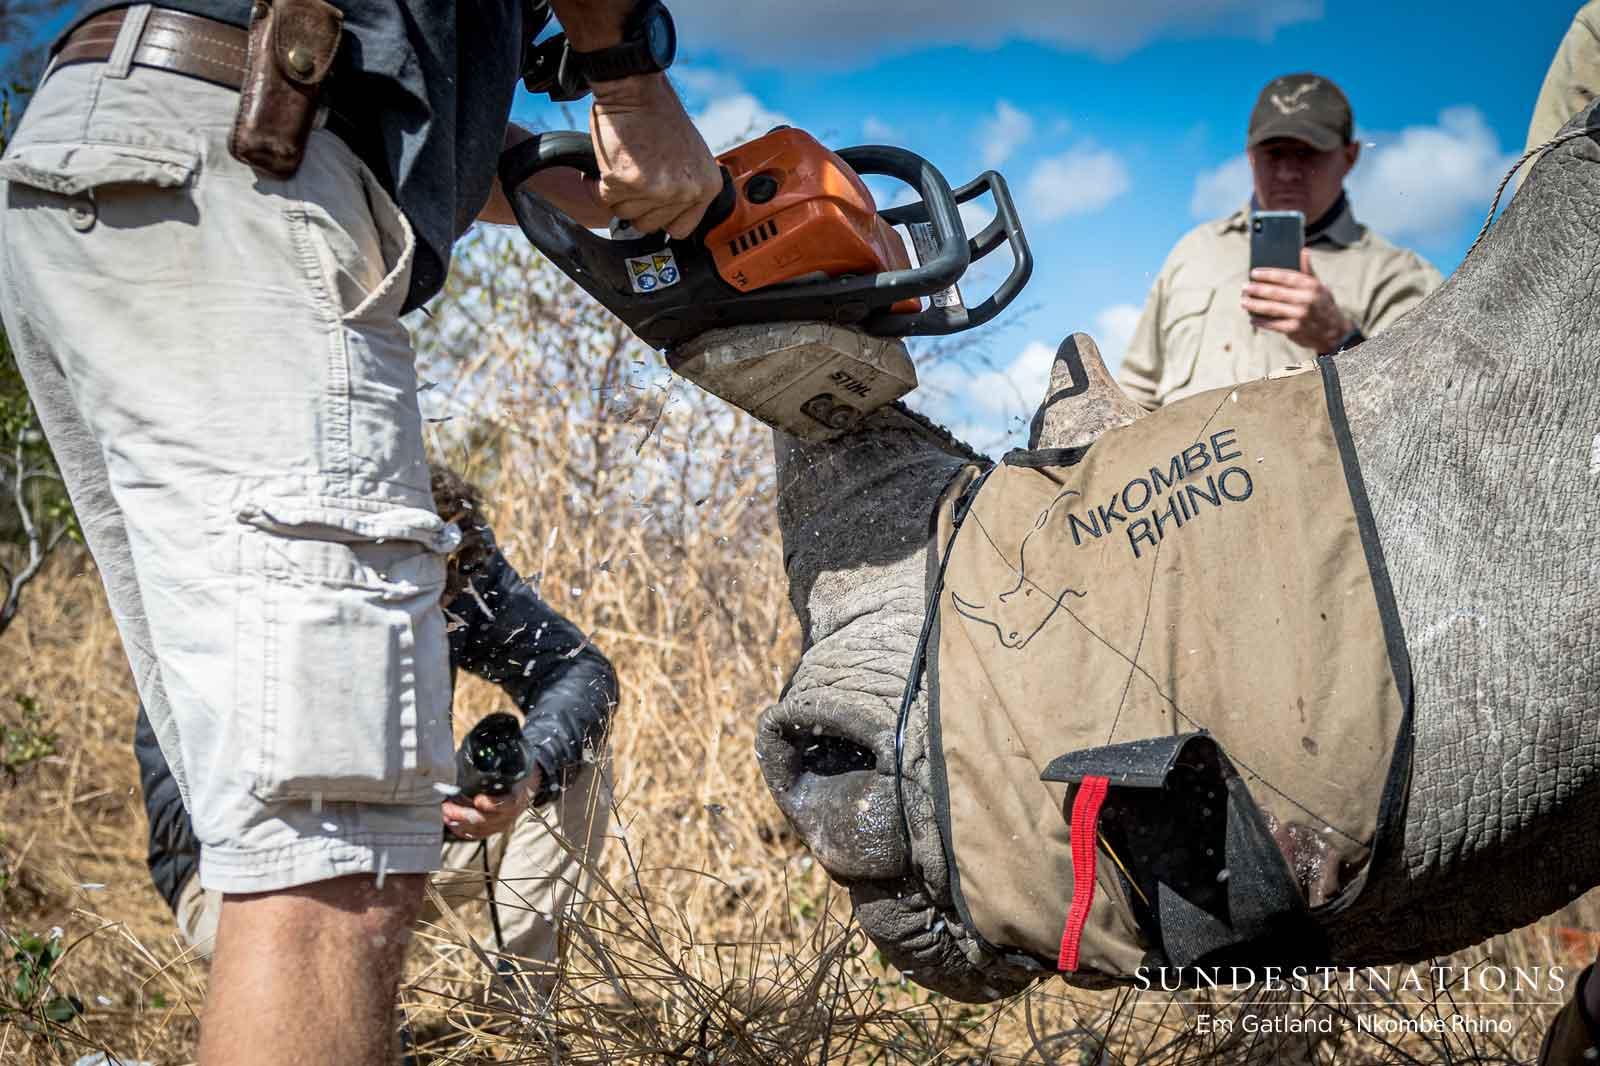 Nkombe Rhino Fund